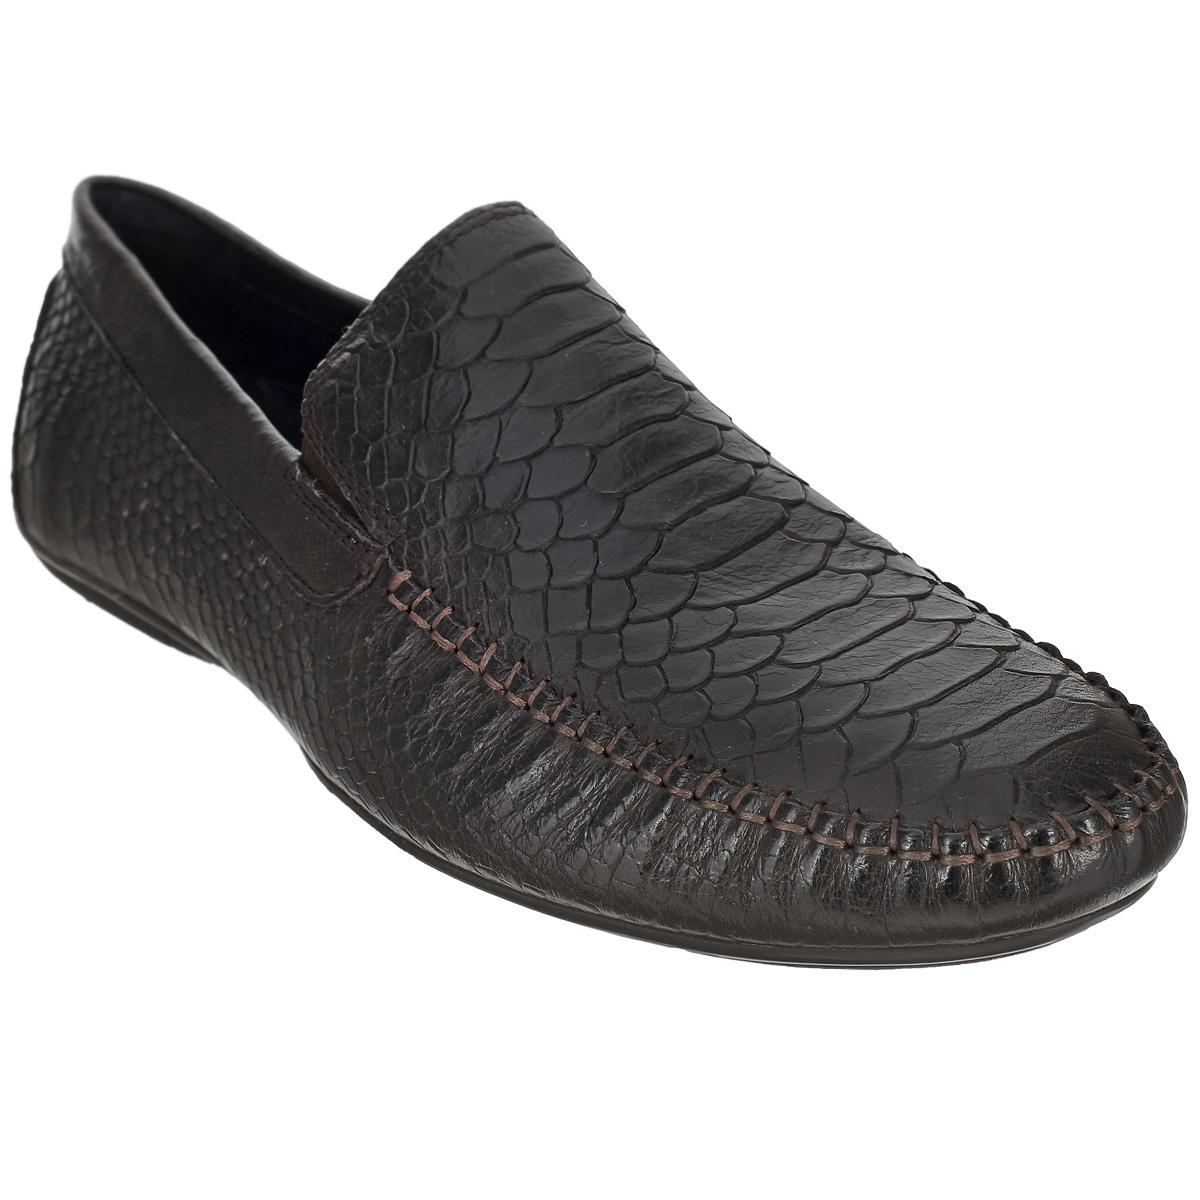 Полуботинки мужские. 109-08-3109-08-34Элегантные мужские полуботинки от Dino Ricci не оставят вас равнодушным! Модель стилизована под мокасины и выполнена из натуральной кожи с тиснением под рептилию. Обувь оформлена внешними декоративными швами на мысе. Резинки, расположенные на подъеме, гарантируют оптимальную посадку модели на ноге. Съемная стелька EVA с внешней поверхностью из натуральной кожи комфортна при движении. Прочная подошва, дополненная рифлением, не скользит. Стильные полуботинки займут достойное место среди вашей коллекции обуви.